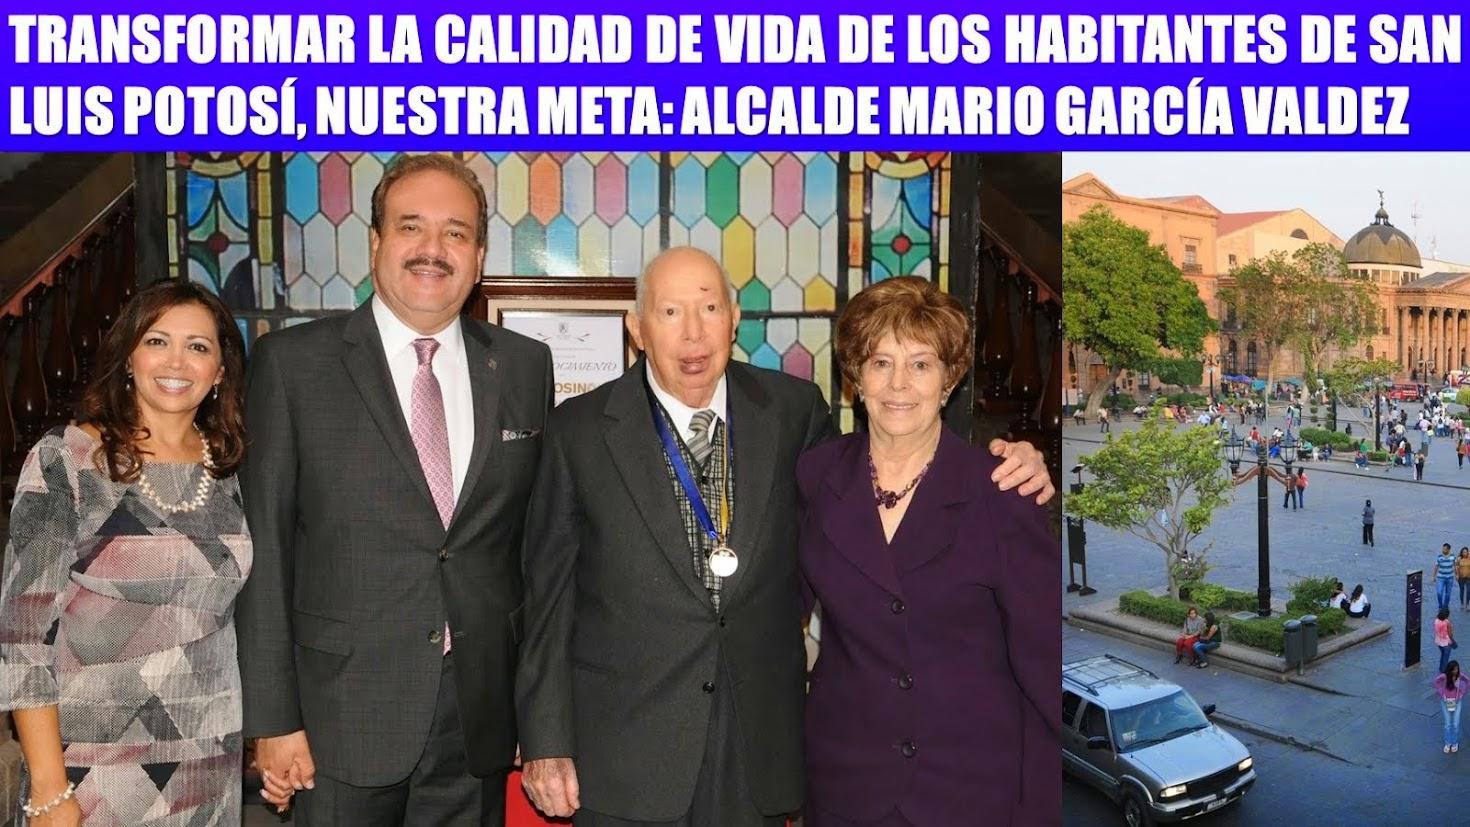 TRANSFORMANDO A SAN LUIS POTOSÍ.